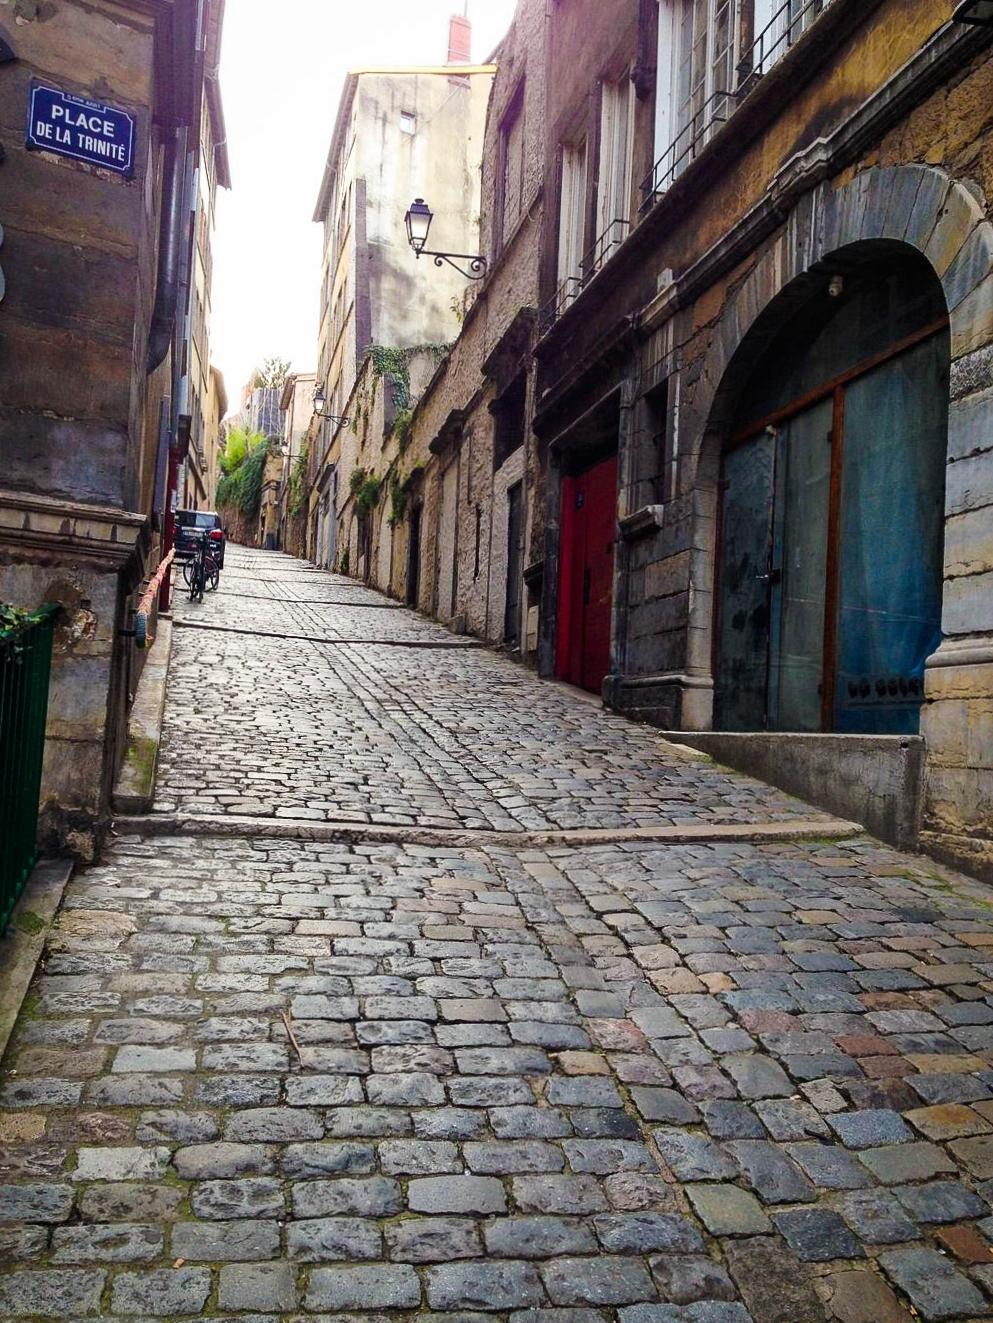 Vieux Lyon in Lyon, France